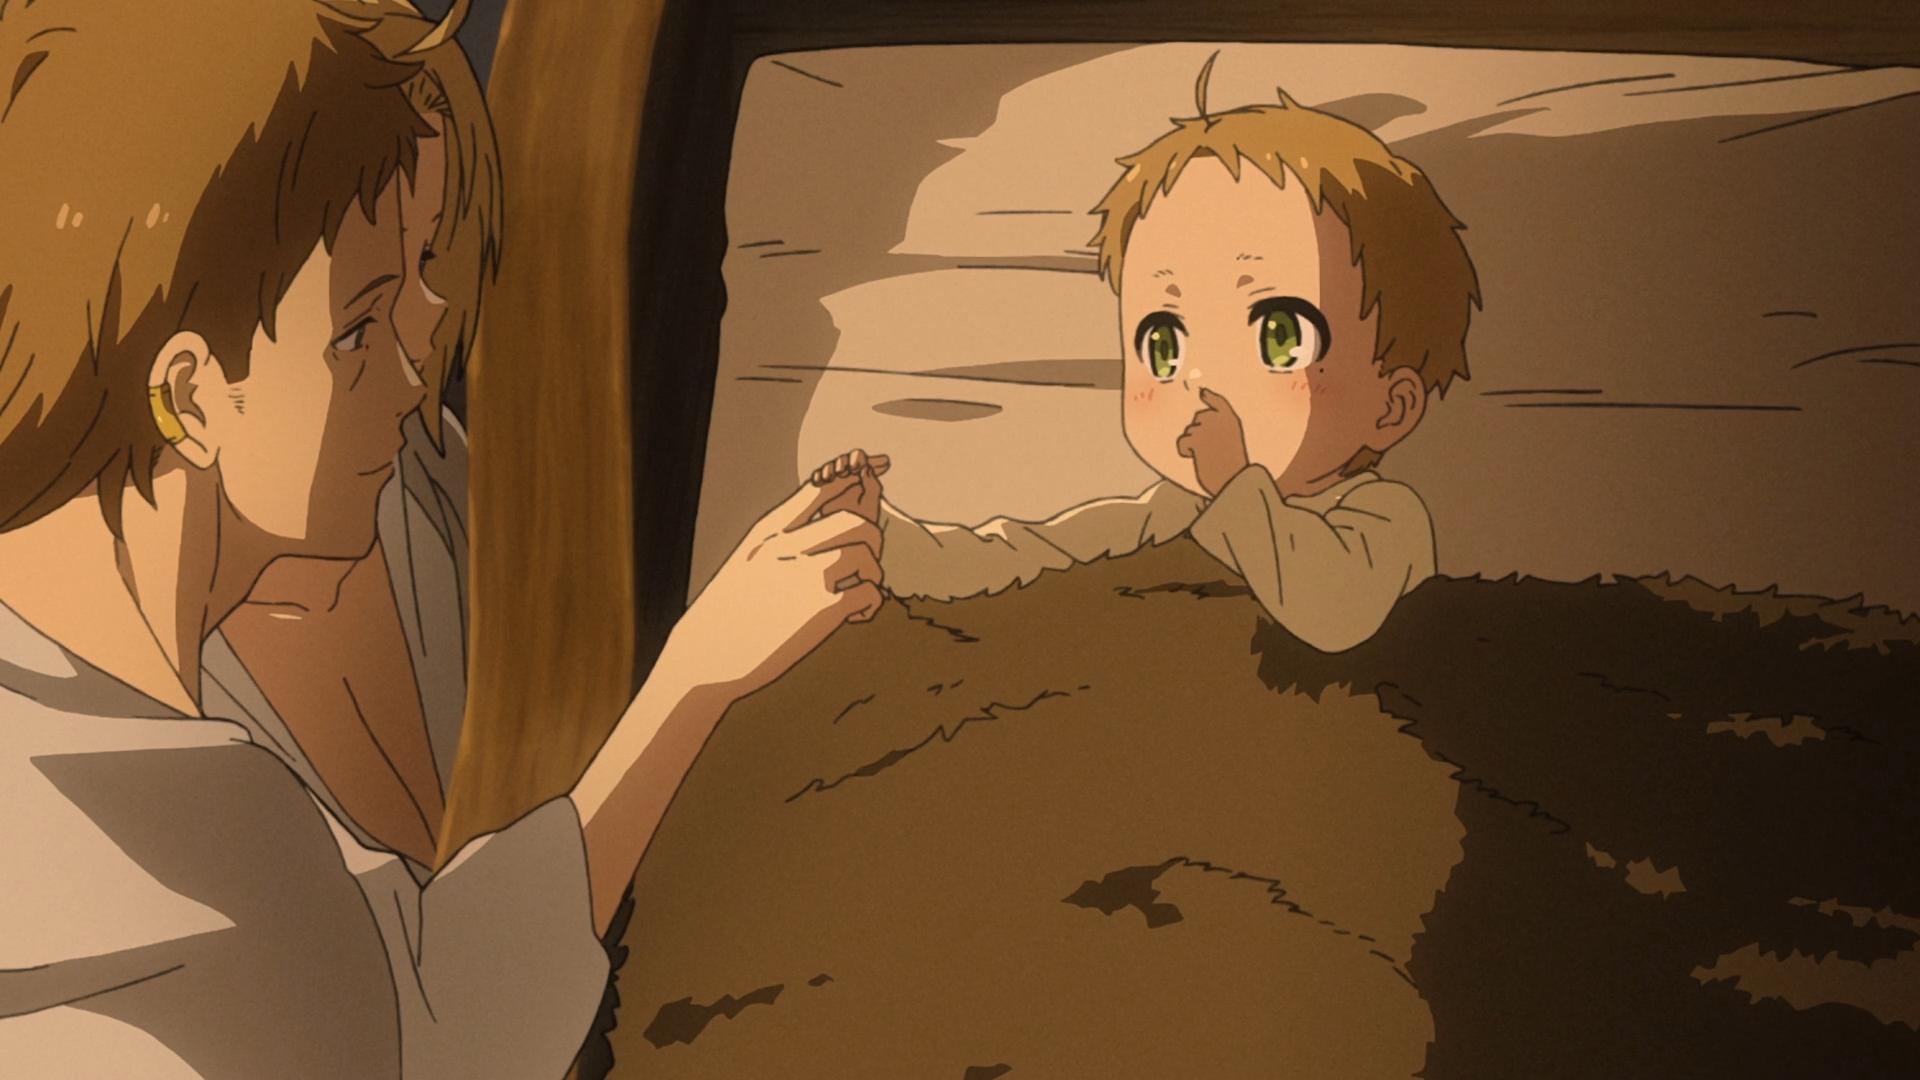 Mushoku Tensei Episode 01